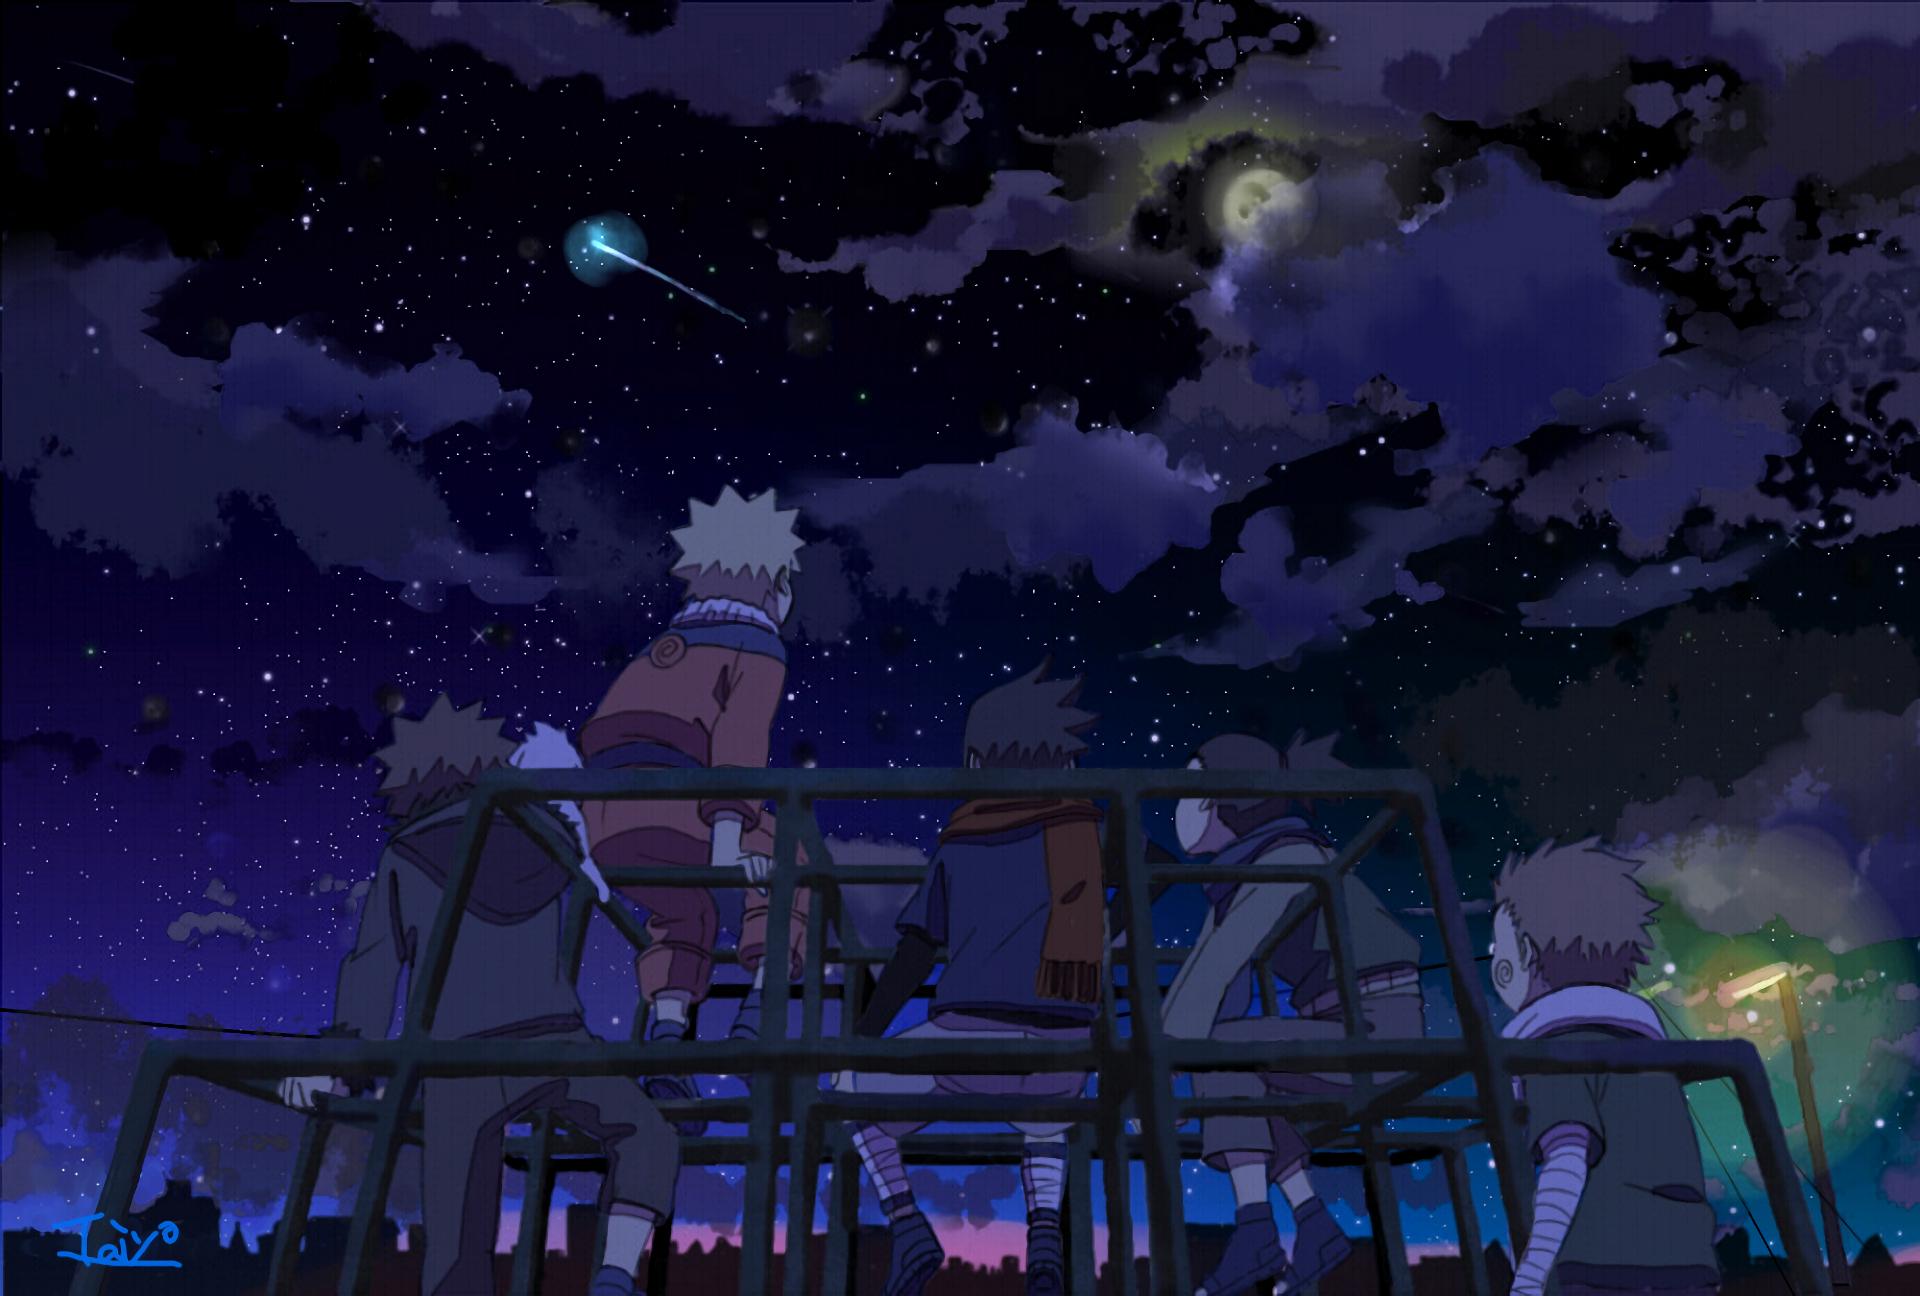 naruto shooting star